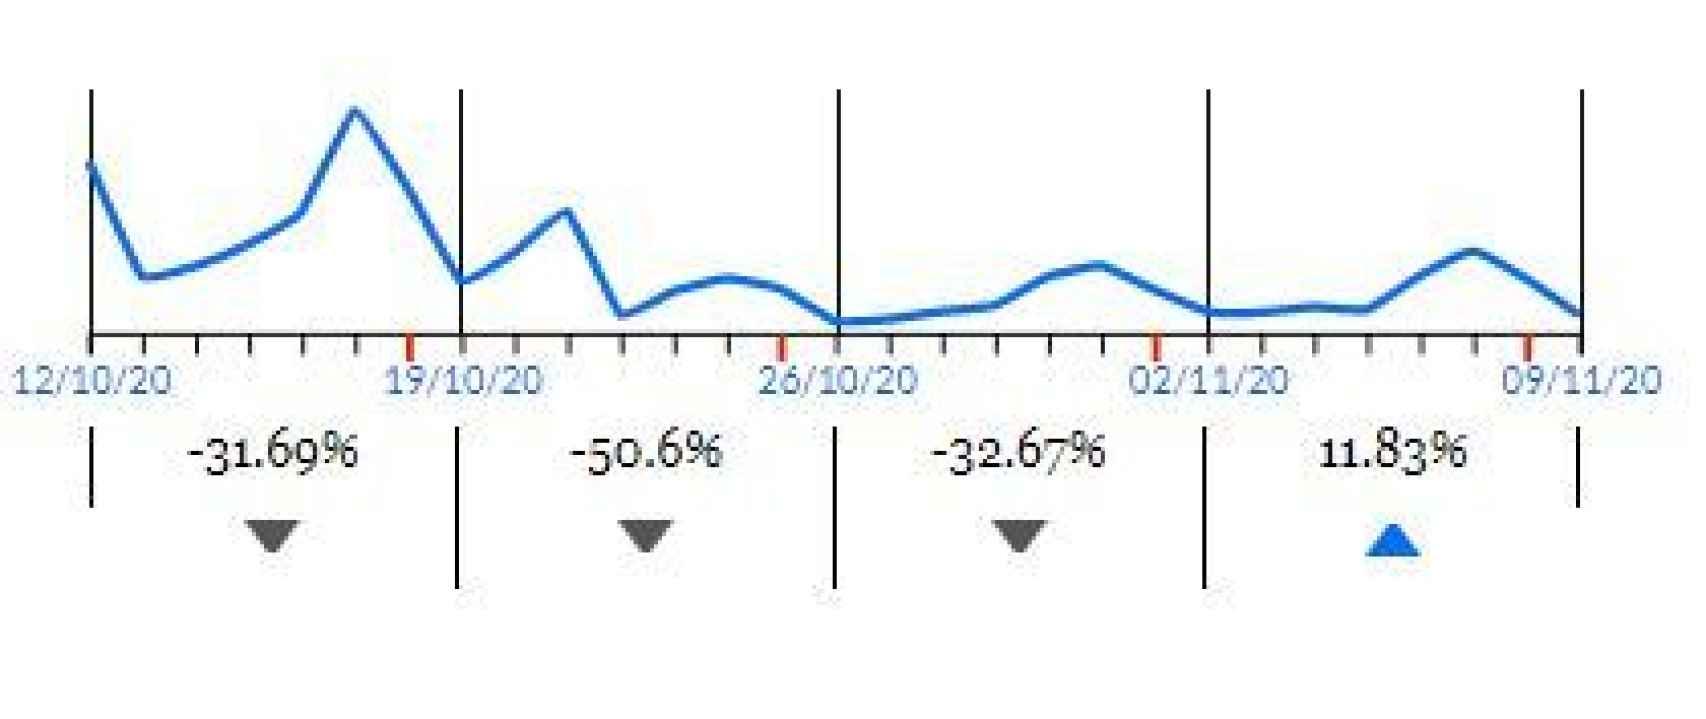 Datos de la actividad comercial en Restauración en Navarra, donde se ve un descenso a partir del 22 de octubre, fecha en la que se cerraron los bares y los restaurantes, según Pulso.